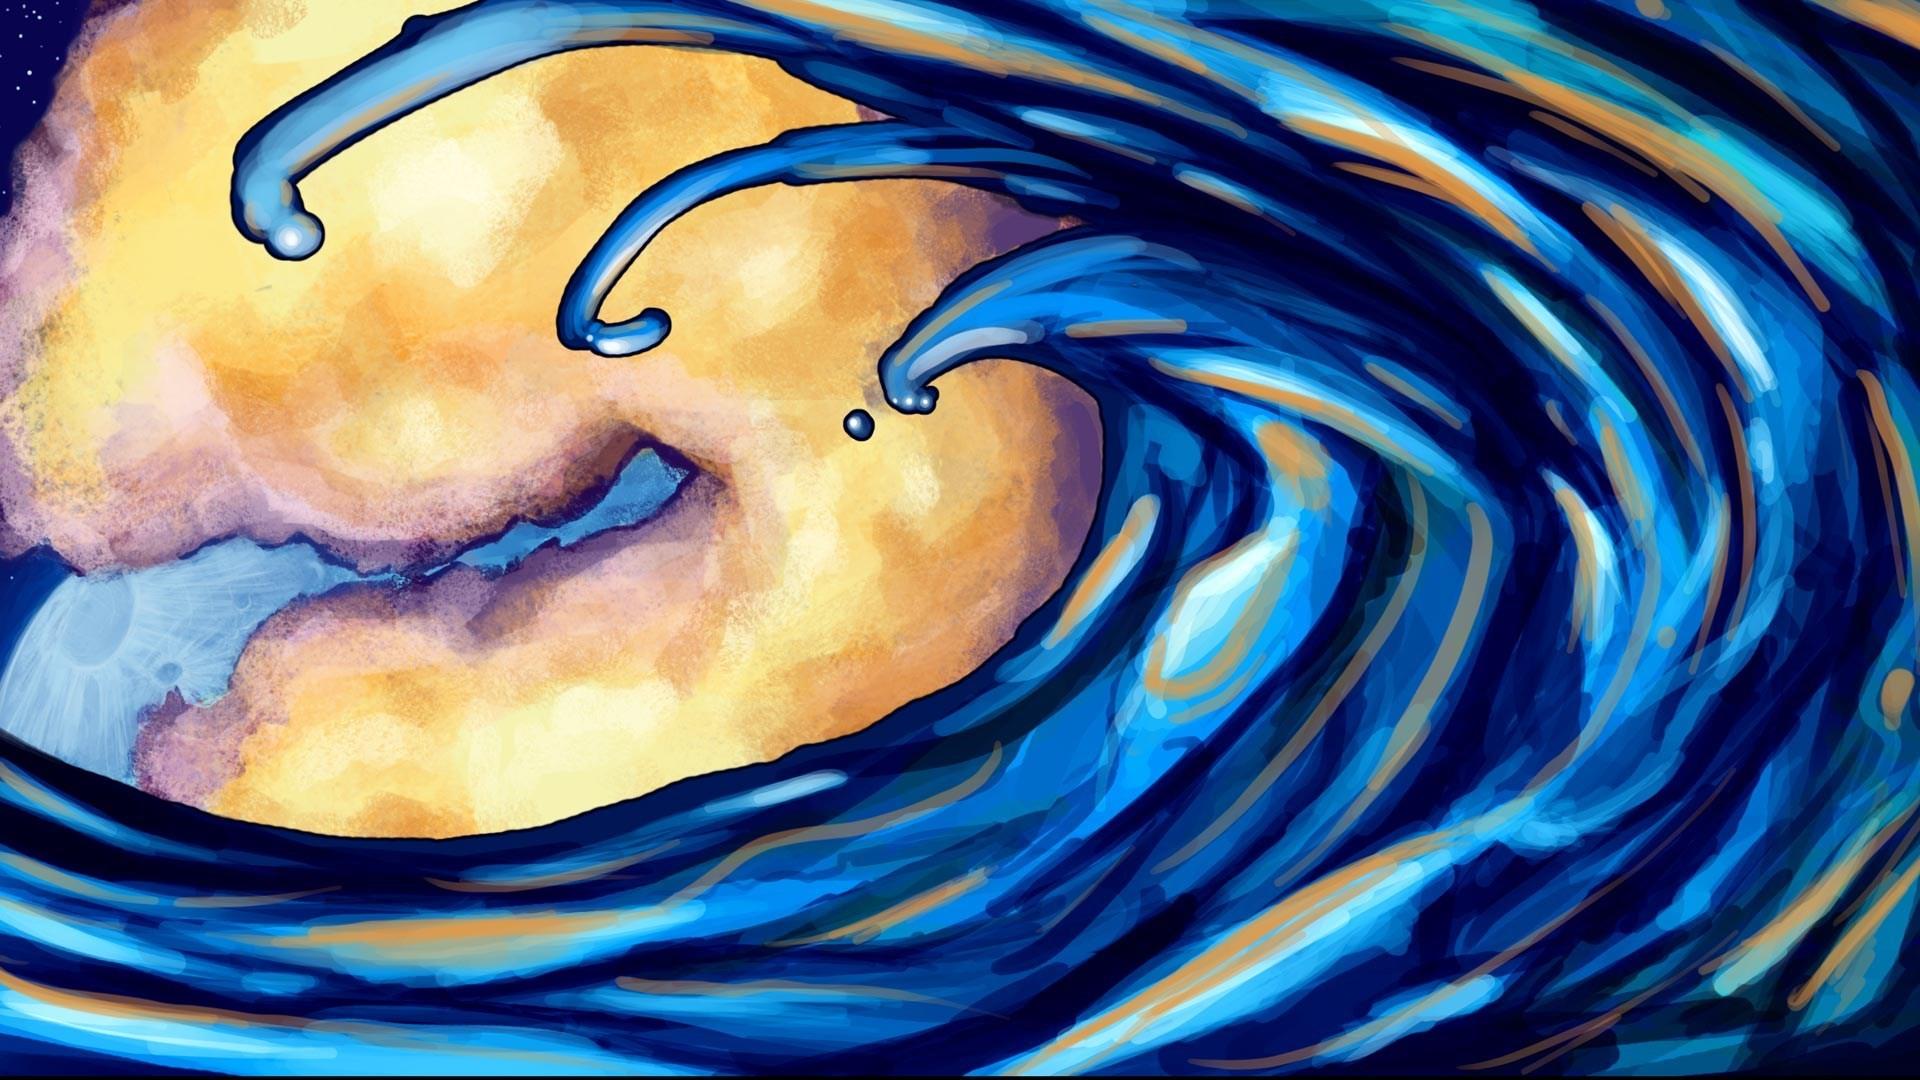 ocean-waves-art-hd-wallpaper – Magic4Walls.com